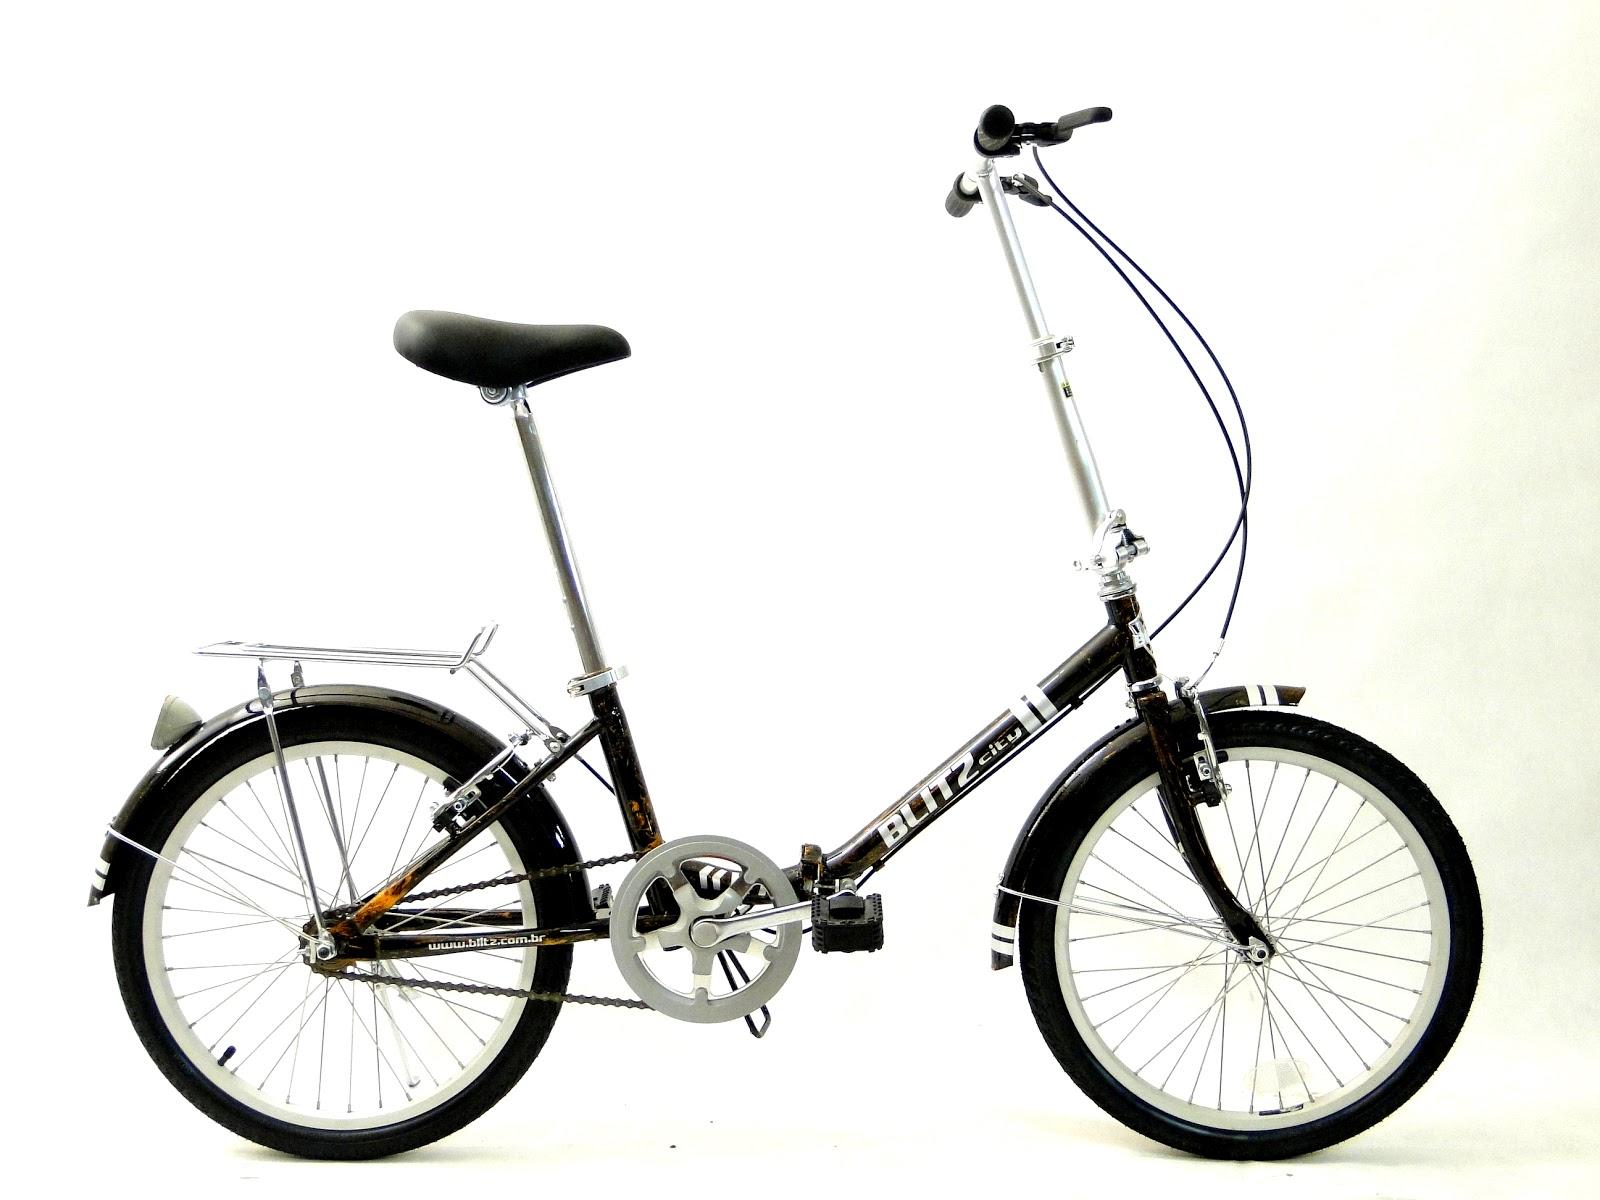 fd9bc38f9 Bicicleta Dobrável BLITZ CITY - Avaliação - Review - Opinião do dono ...